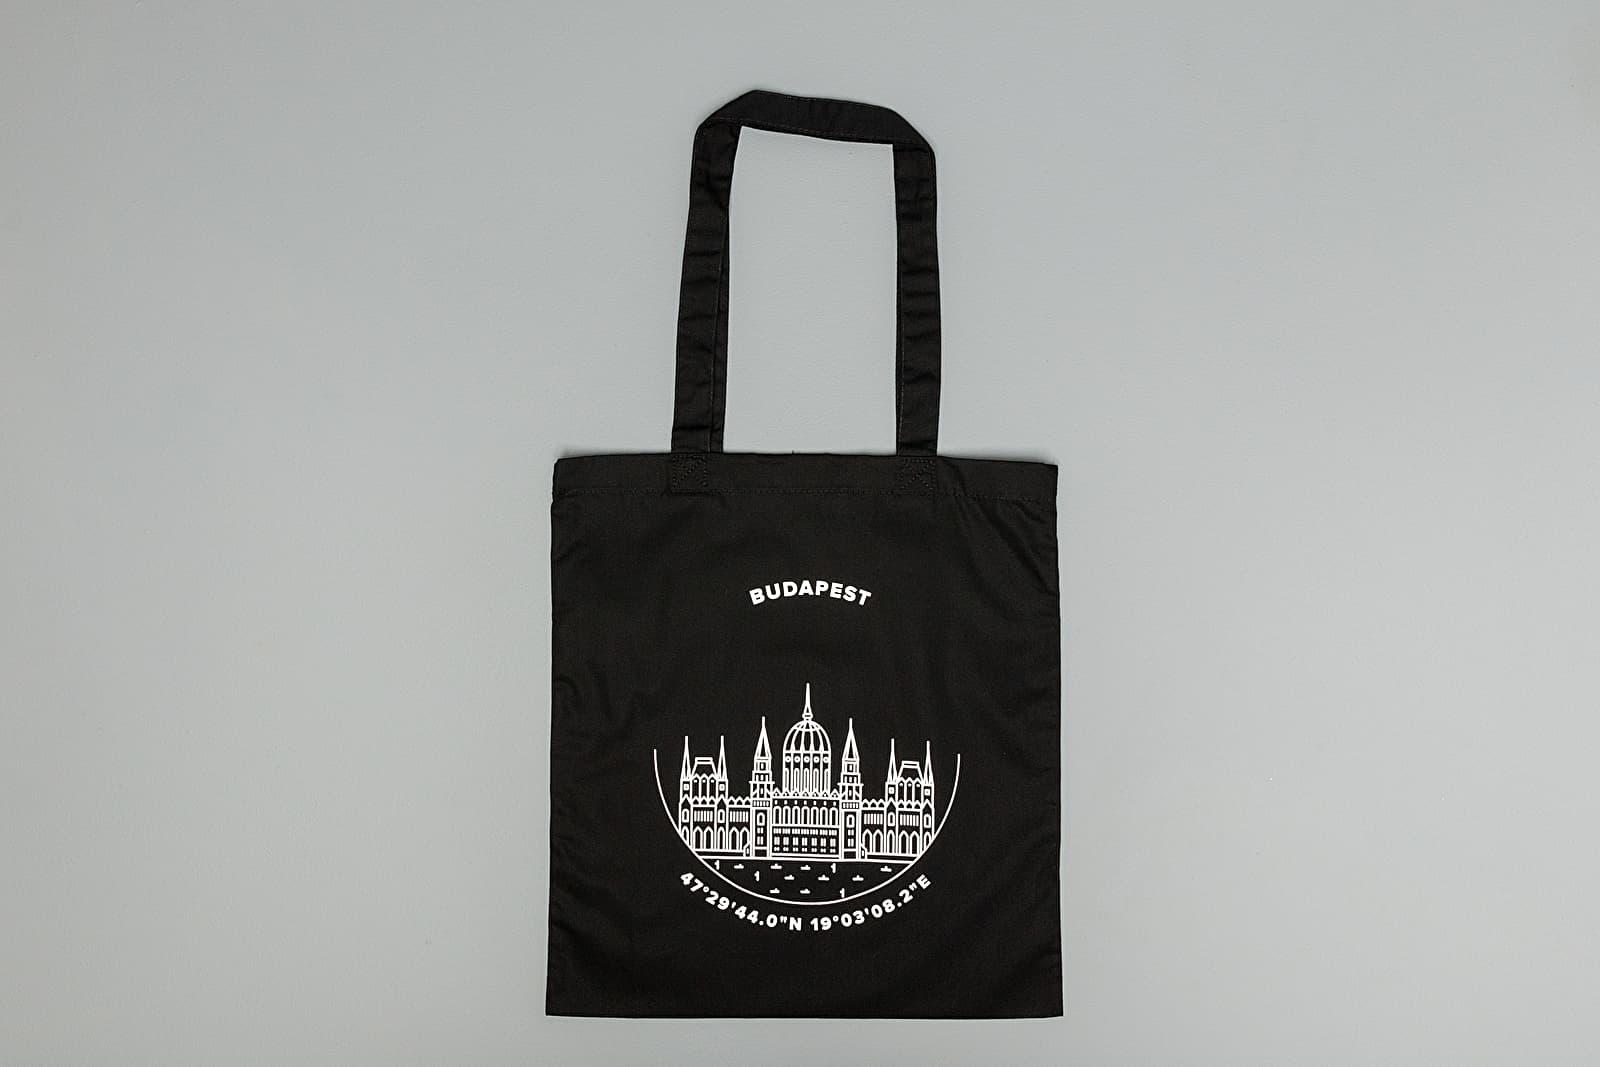 Taschen Footshop Budapest Tote Bag Black